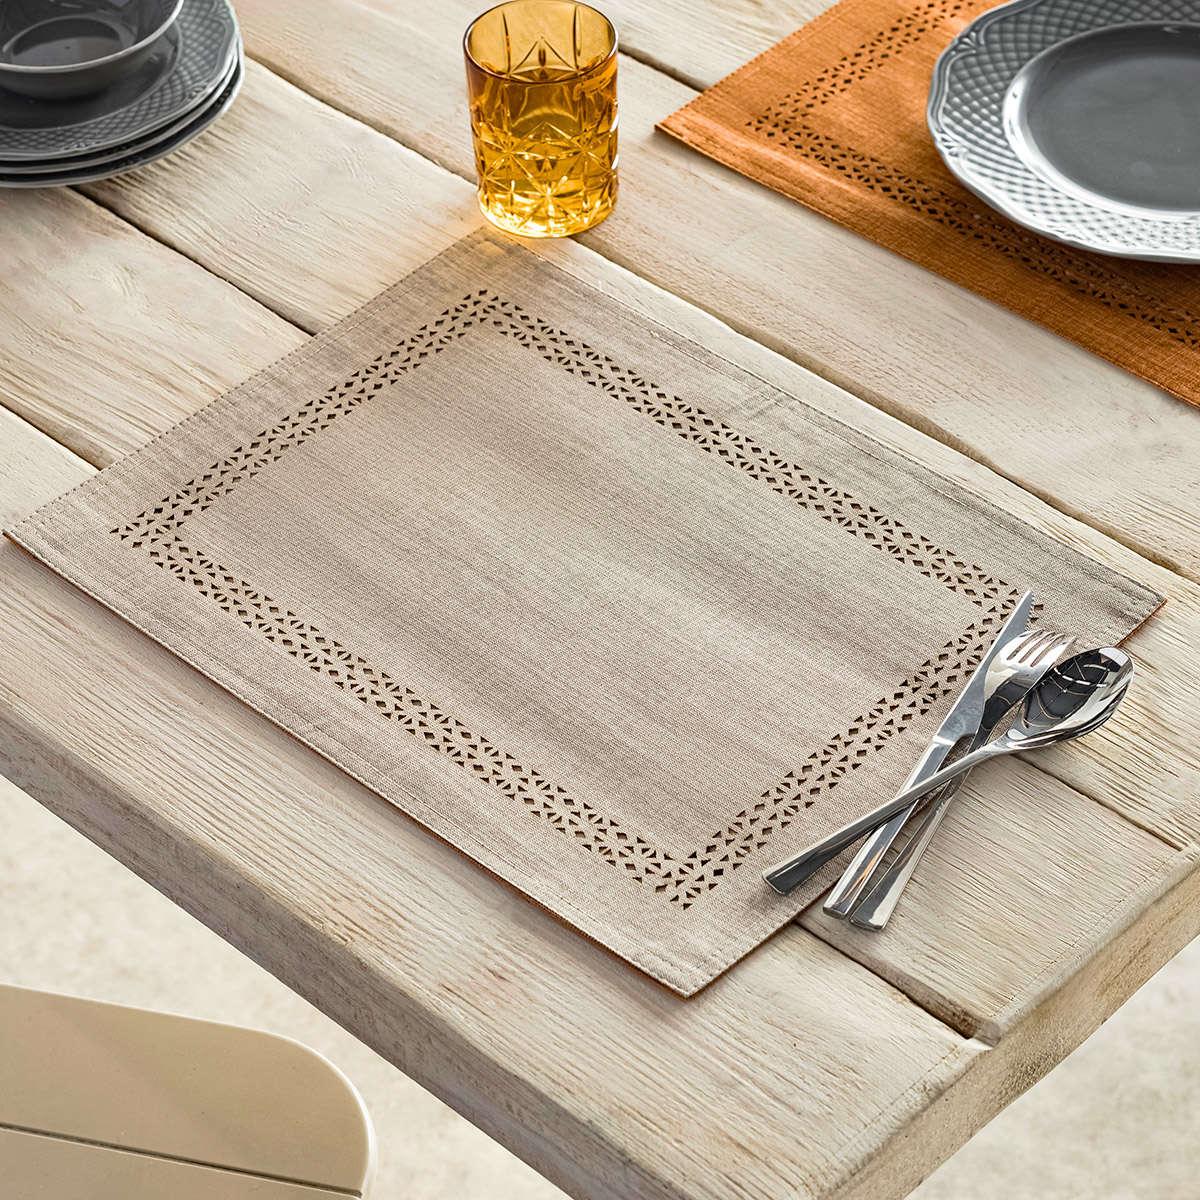 Σουπλά Σετ 2τμχ Artisan Linen – Tan 930/06 Gofis Home